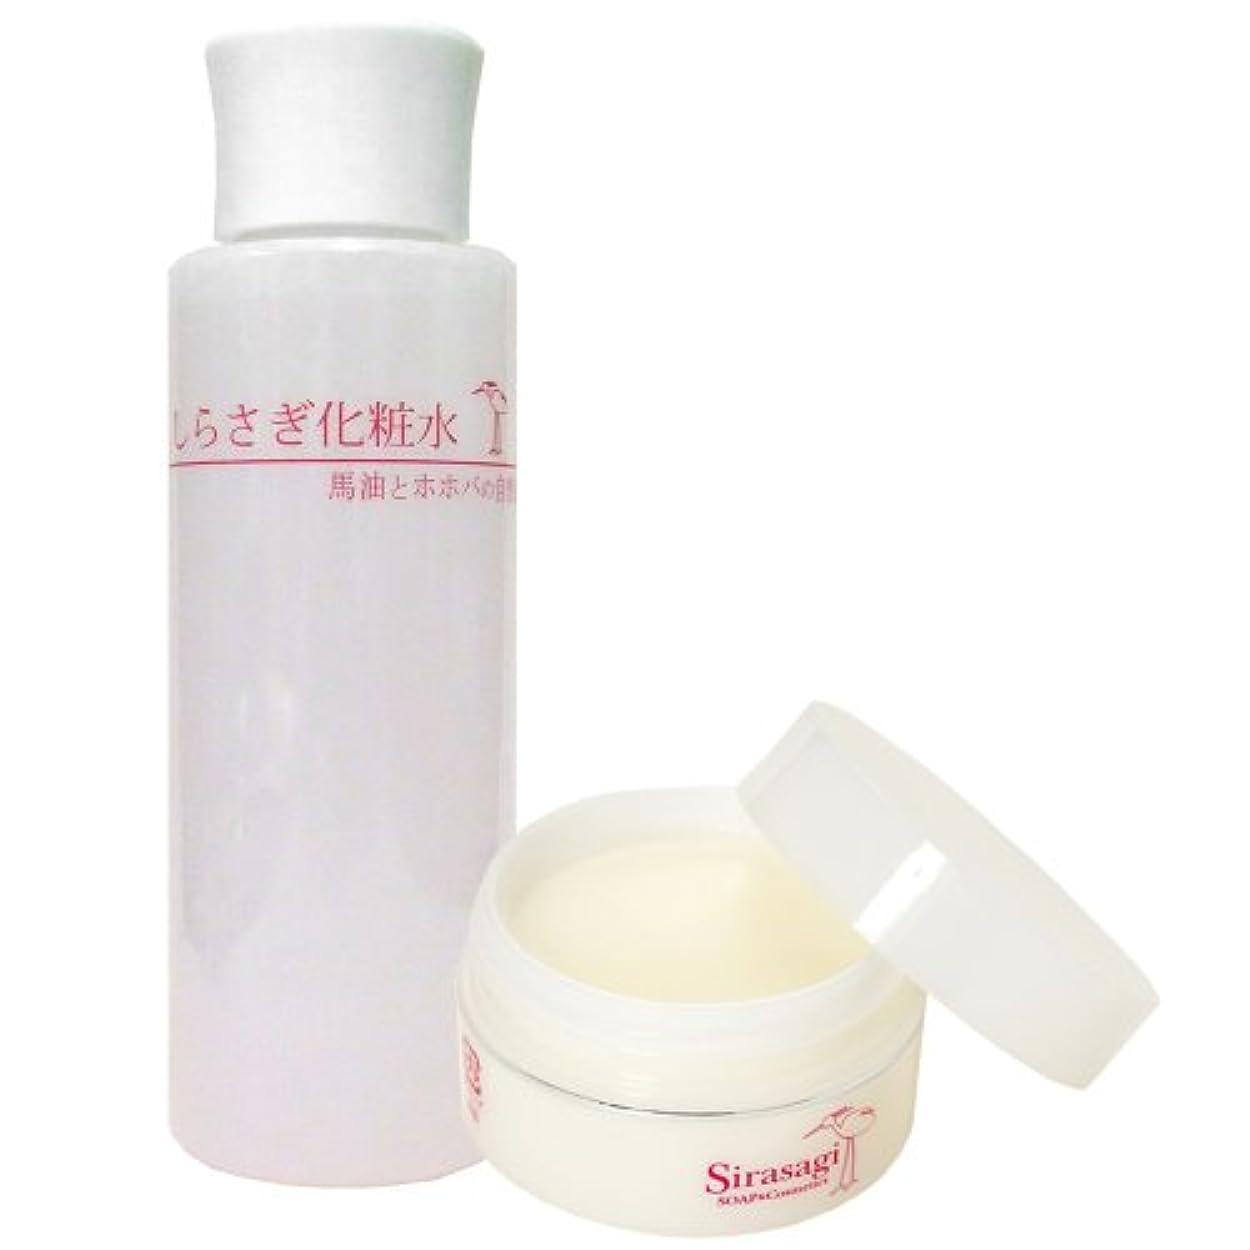 疑わしい中央恥ずかしさしらさぎクリーム(無香料)としらさぎ化粧水のセット